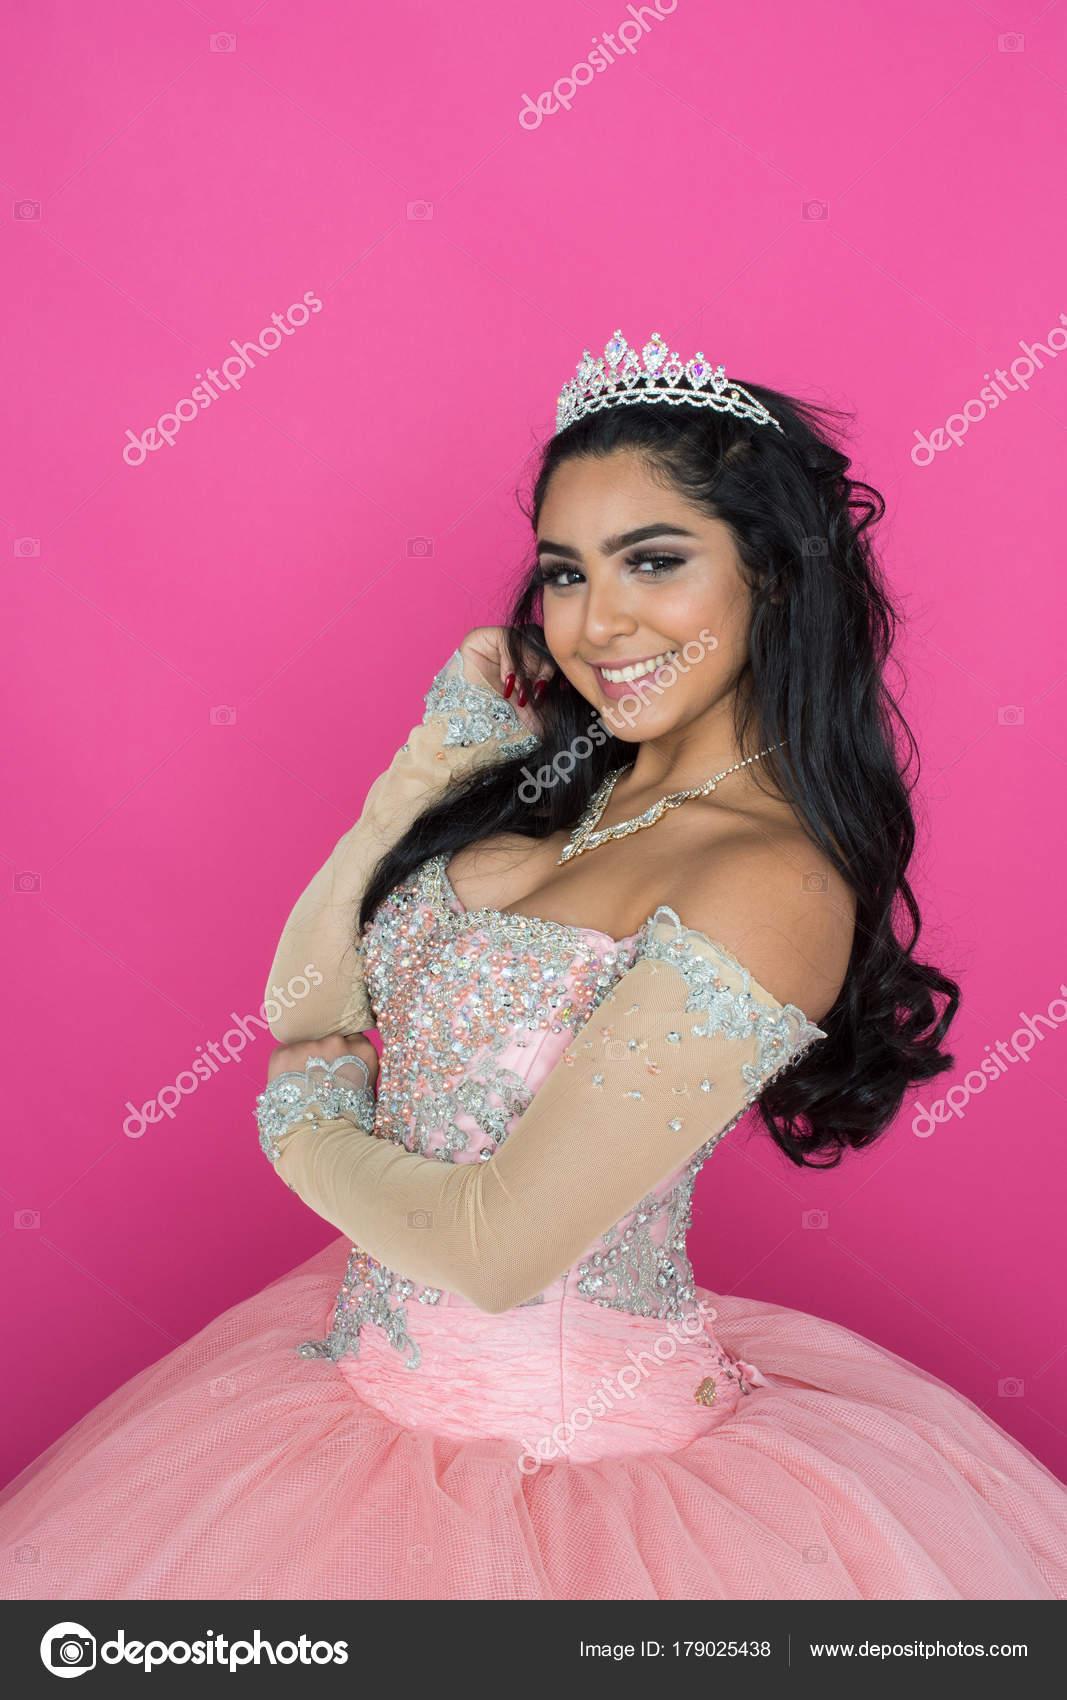 Teen en vestido de baile — Foto de stock © rmarmion #179025438